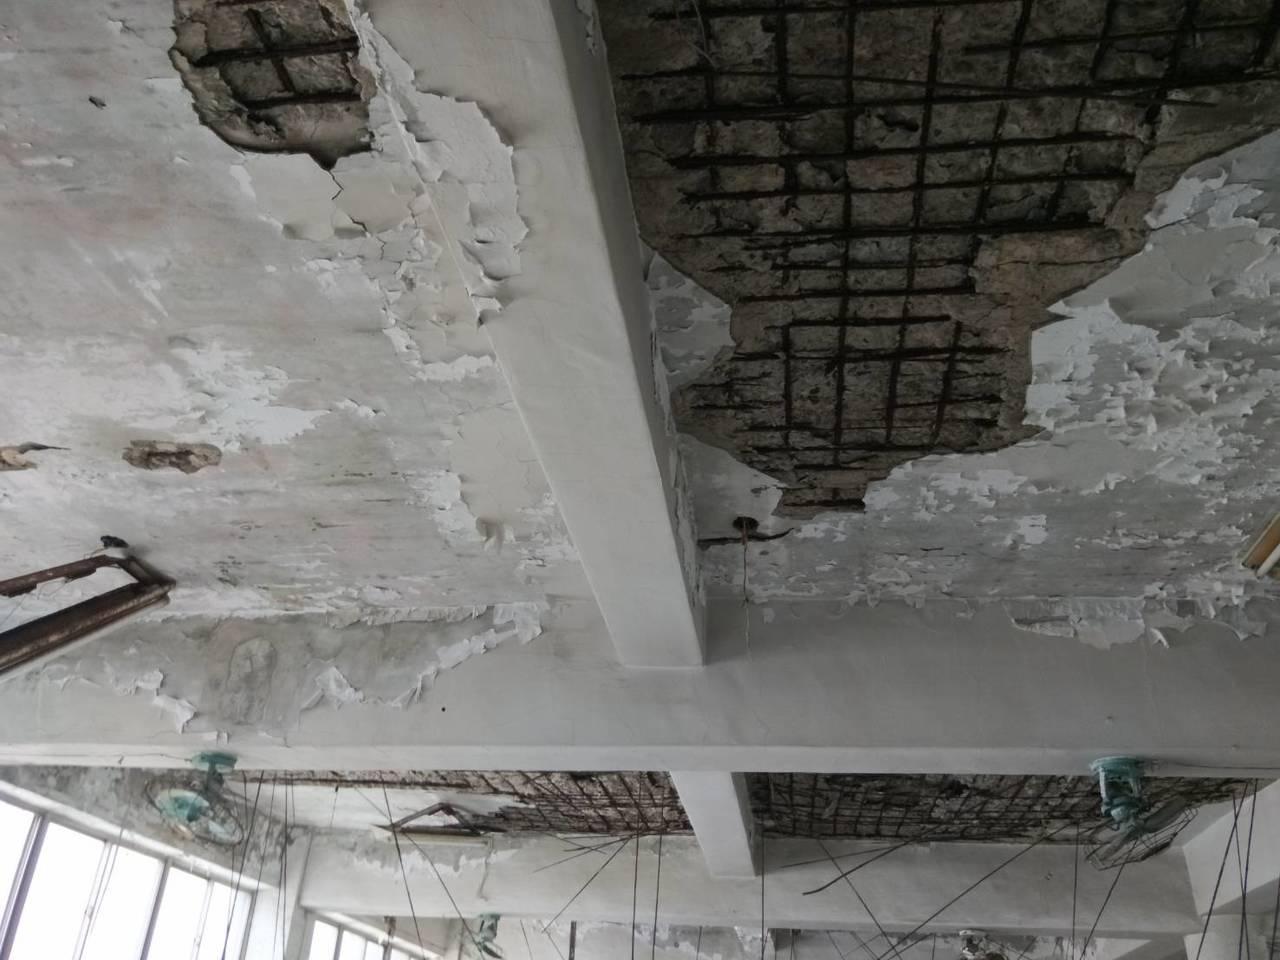 基隆富貴市場4樓鋼筋裸露、水泥崩落 市府將評估安全性。記者游明煌/攝影